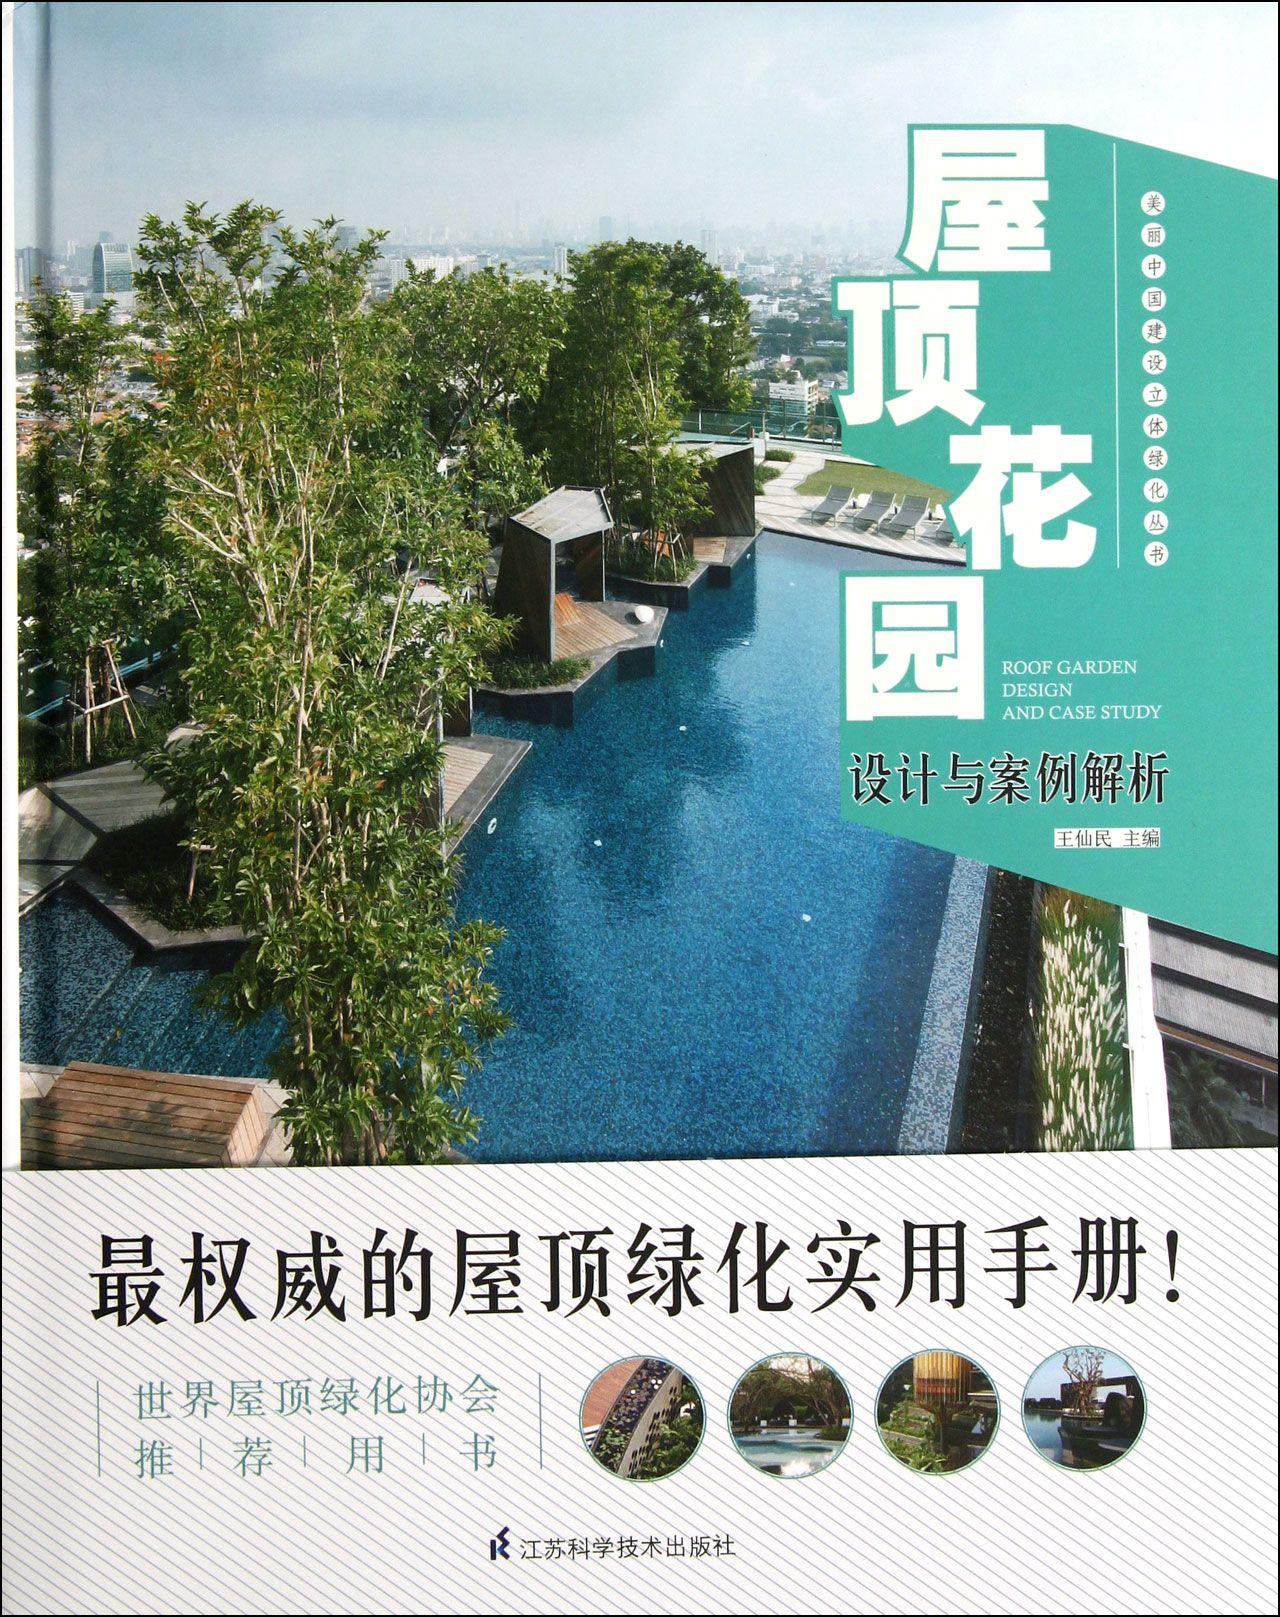 屋顶花园设计与案例解析(精)